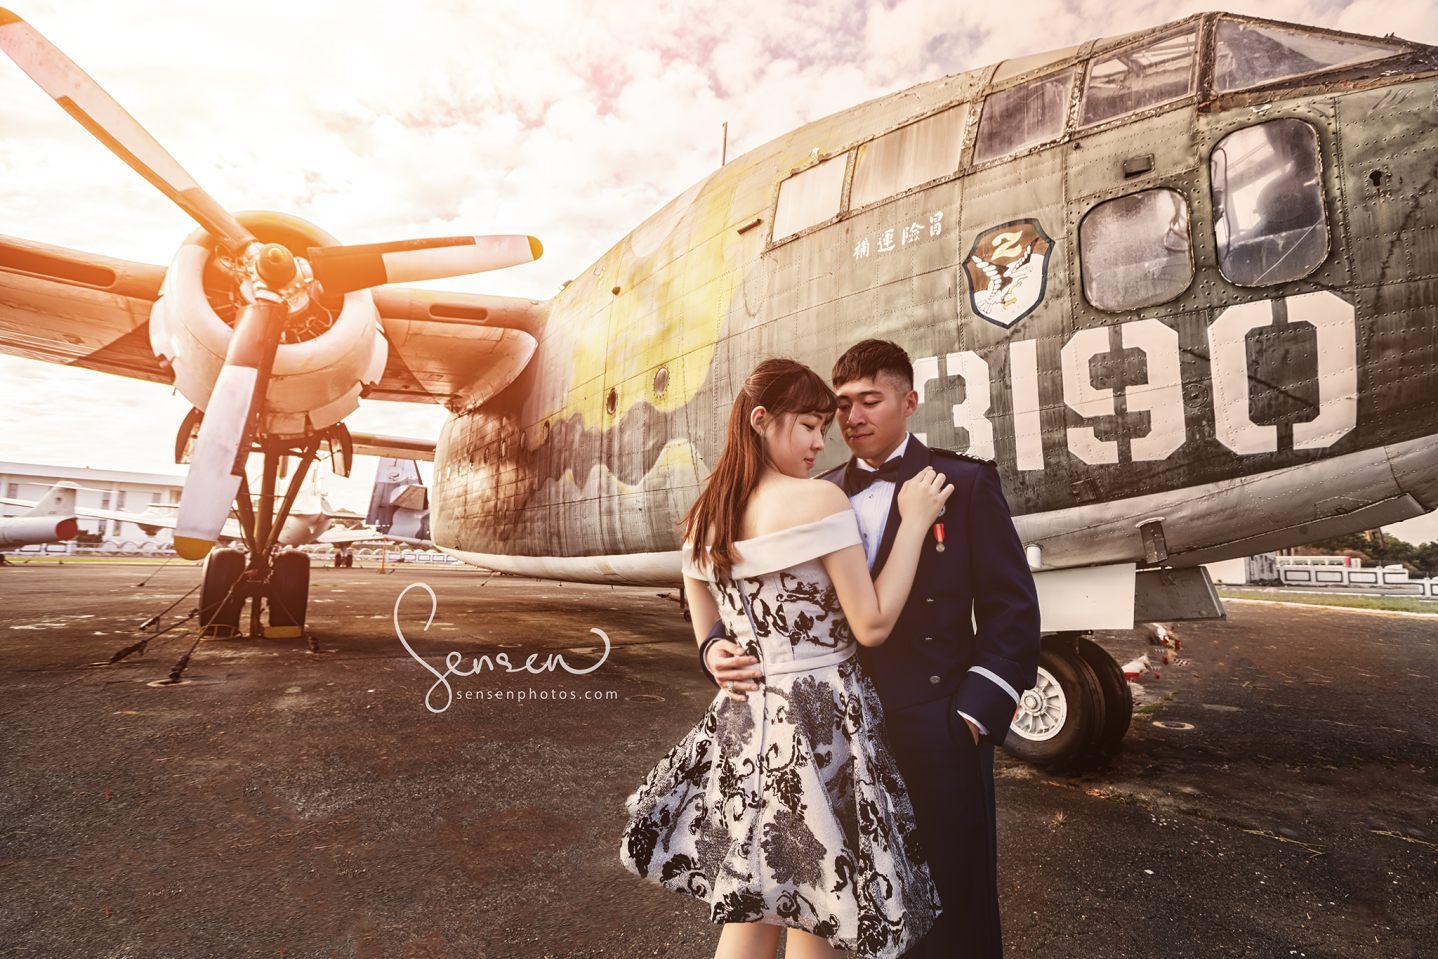 空軍展示場情侶寫真, 岡山空軍軍機展示場, 高雄婚攝, 婚攝森森, 高雄婚紗拍攝景點